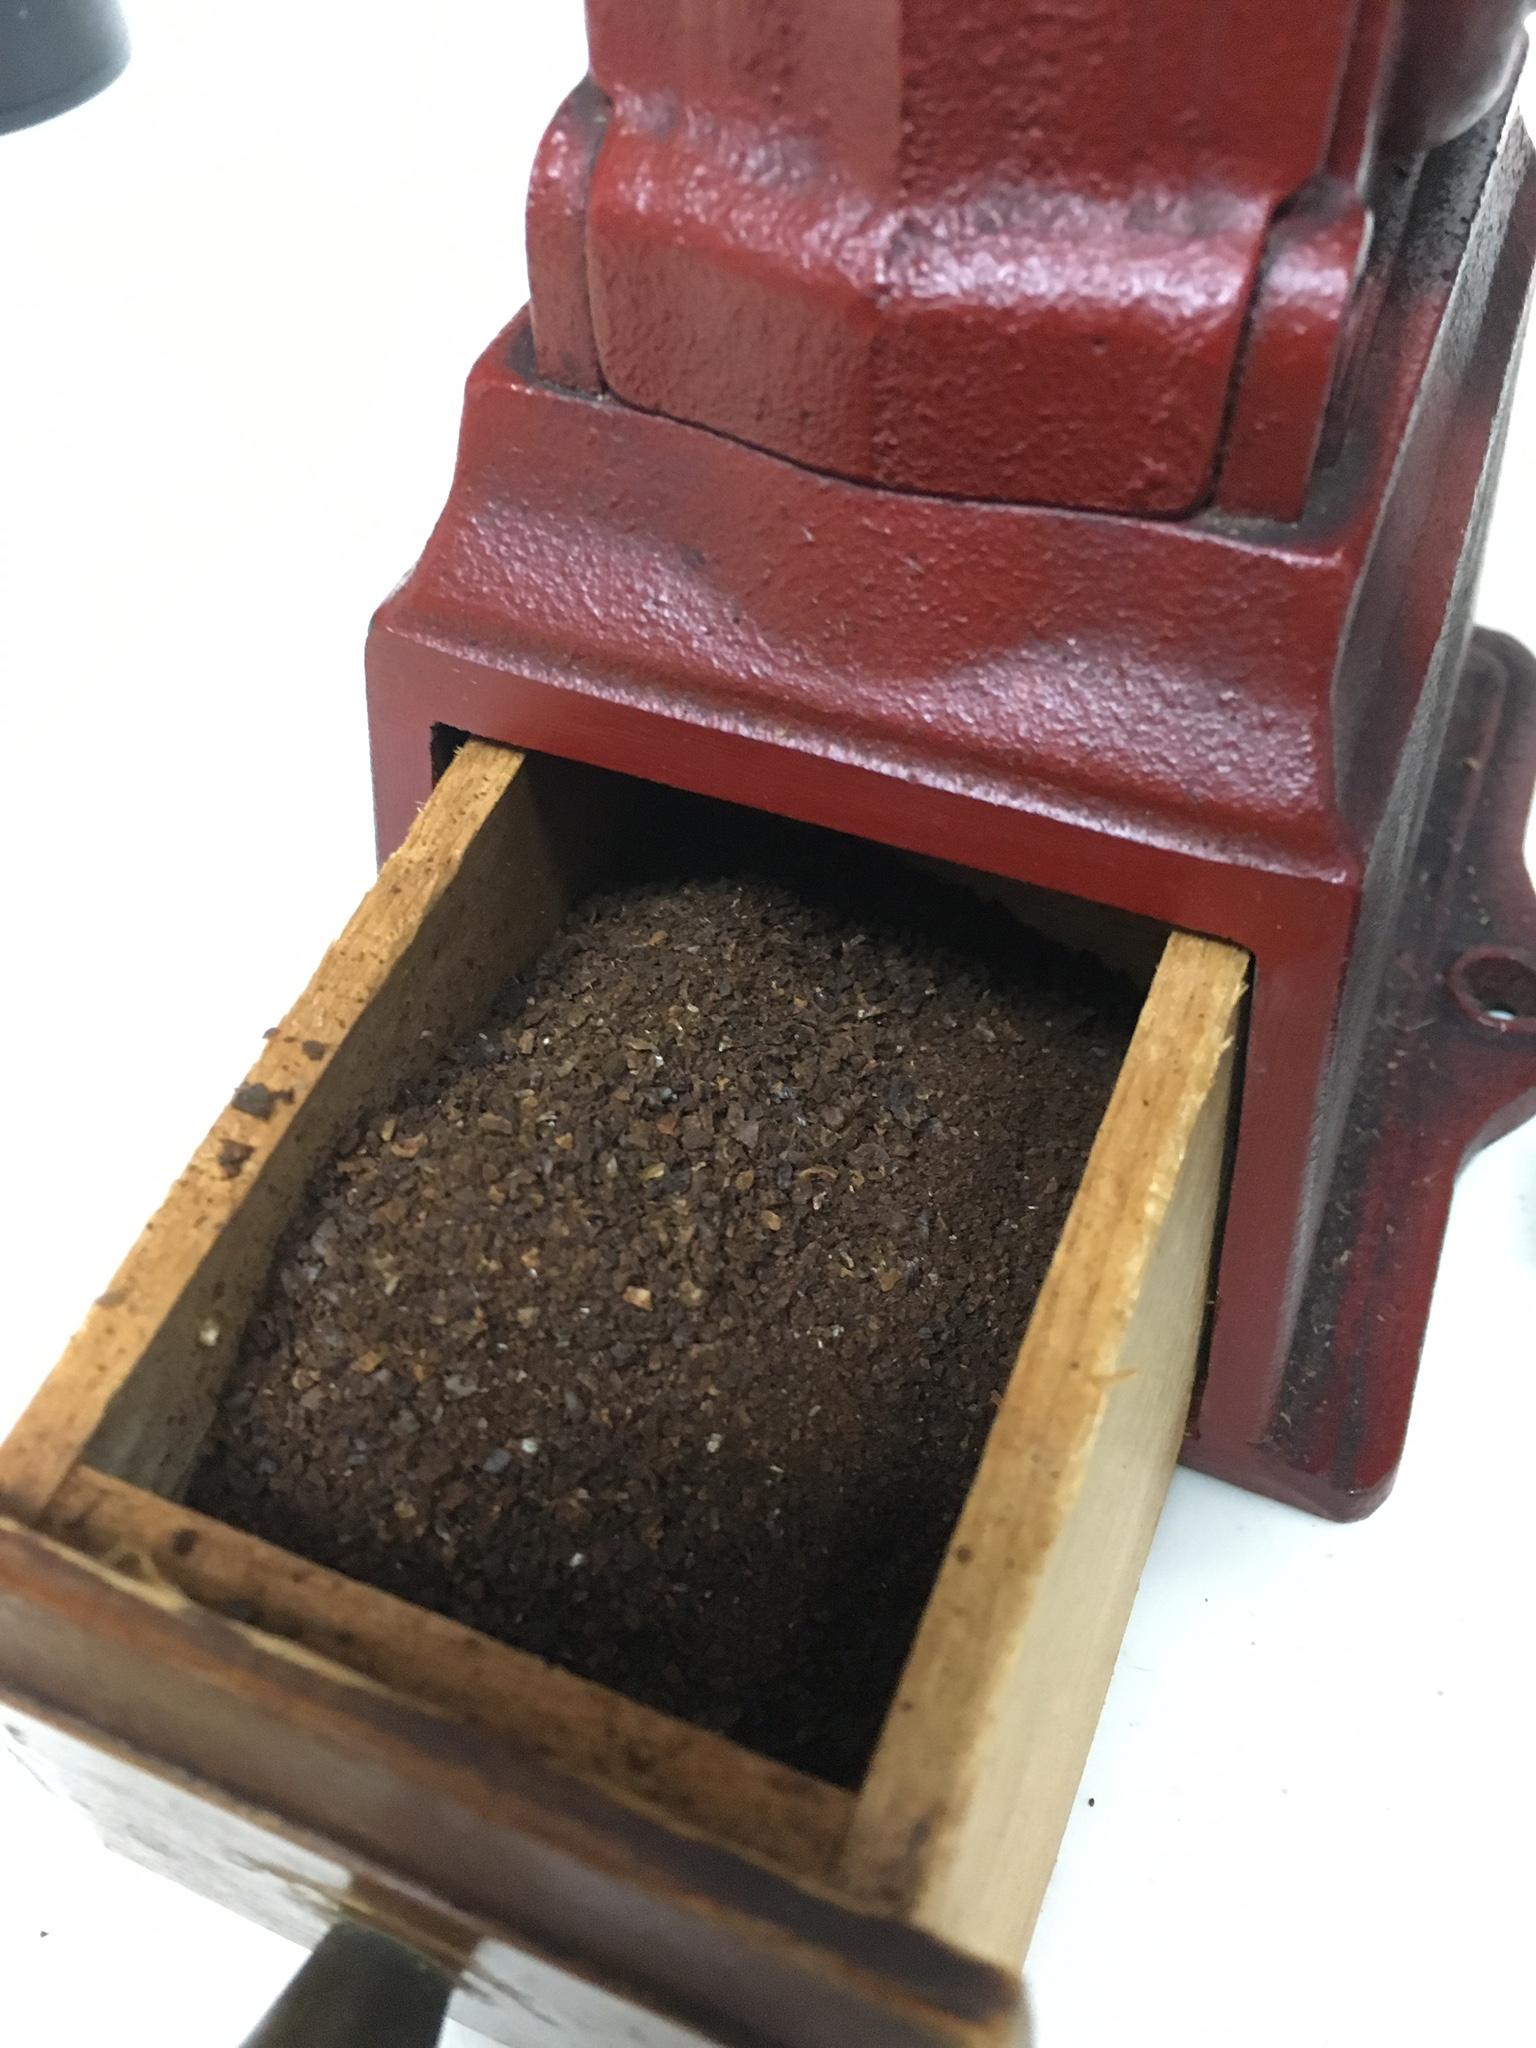 名古屋産コーヒーと言えば!「ガロンコーヒー」を淹れてみた。